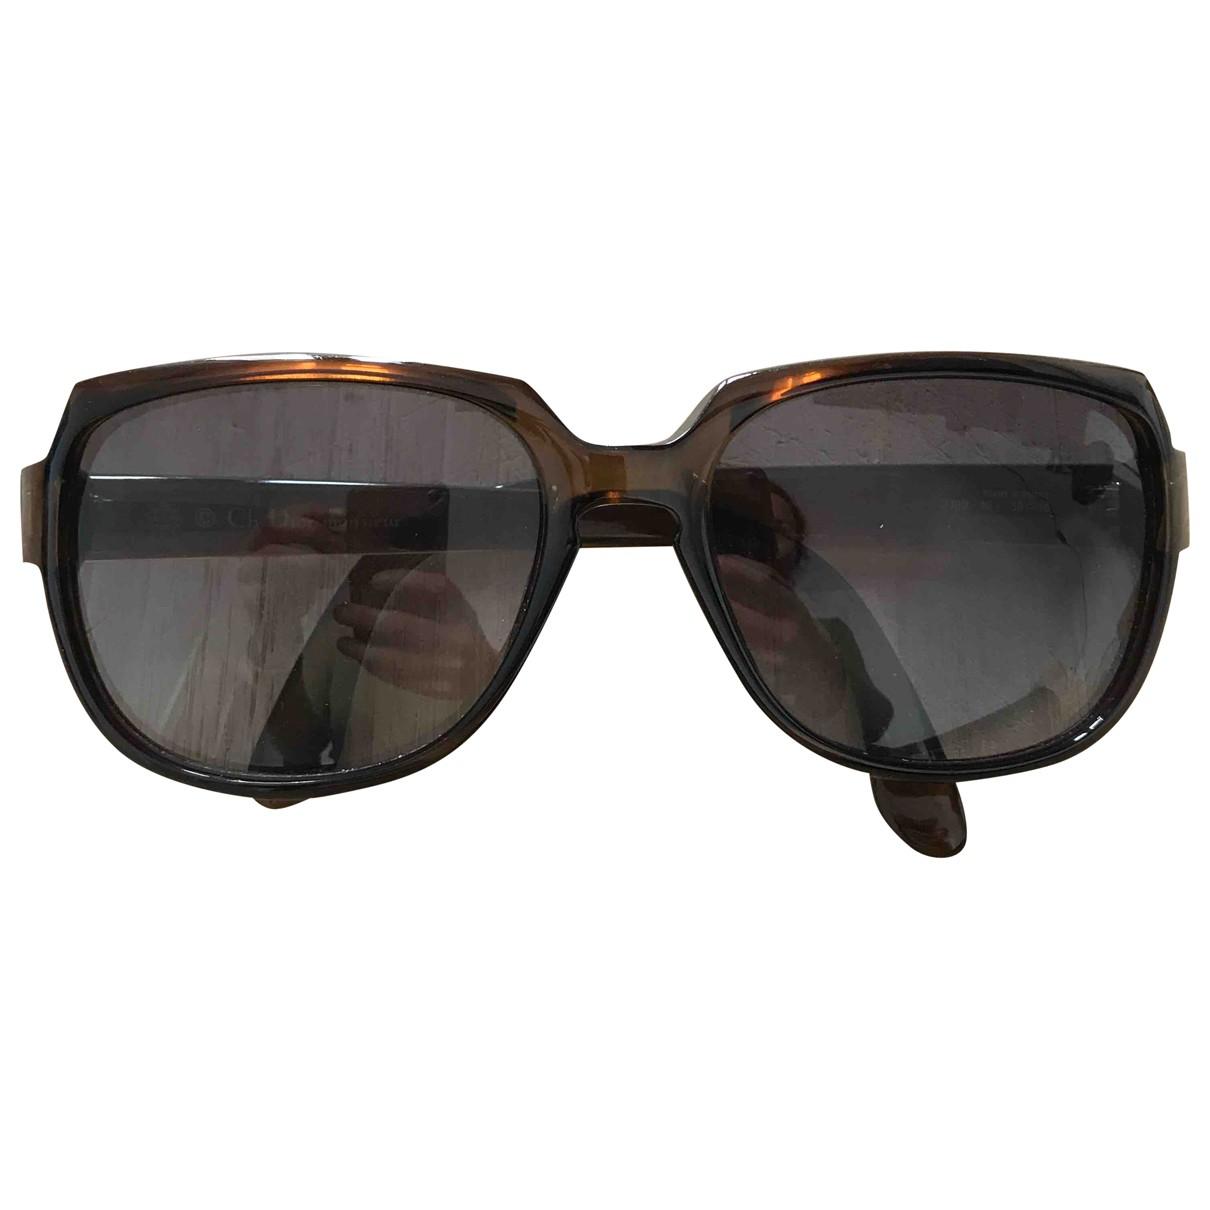 Christian Dior - Lunettes   pour homme - marron